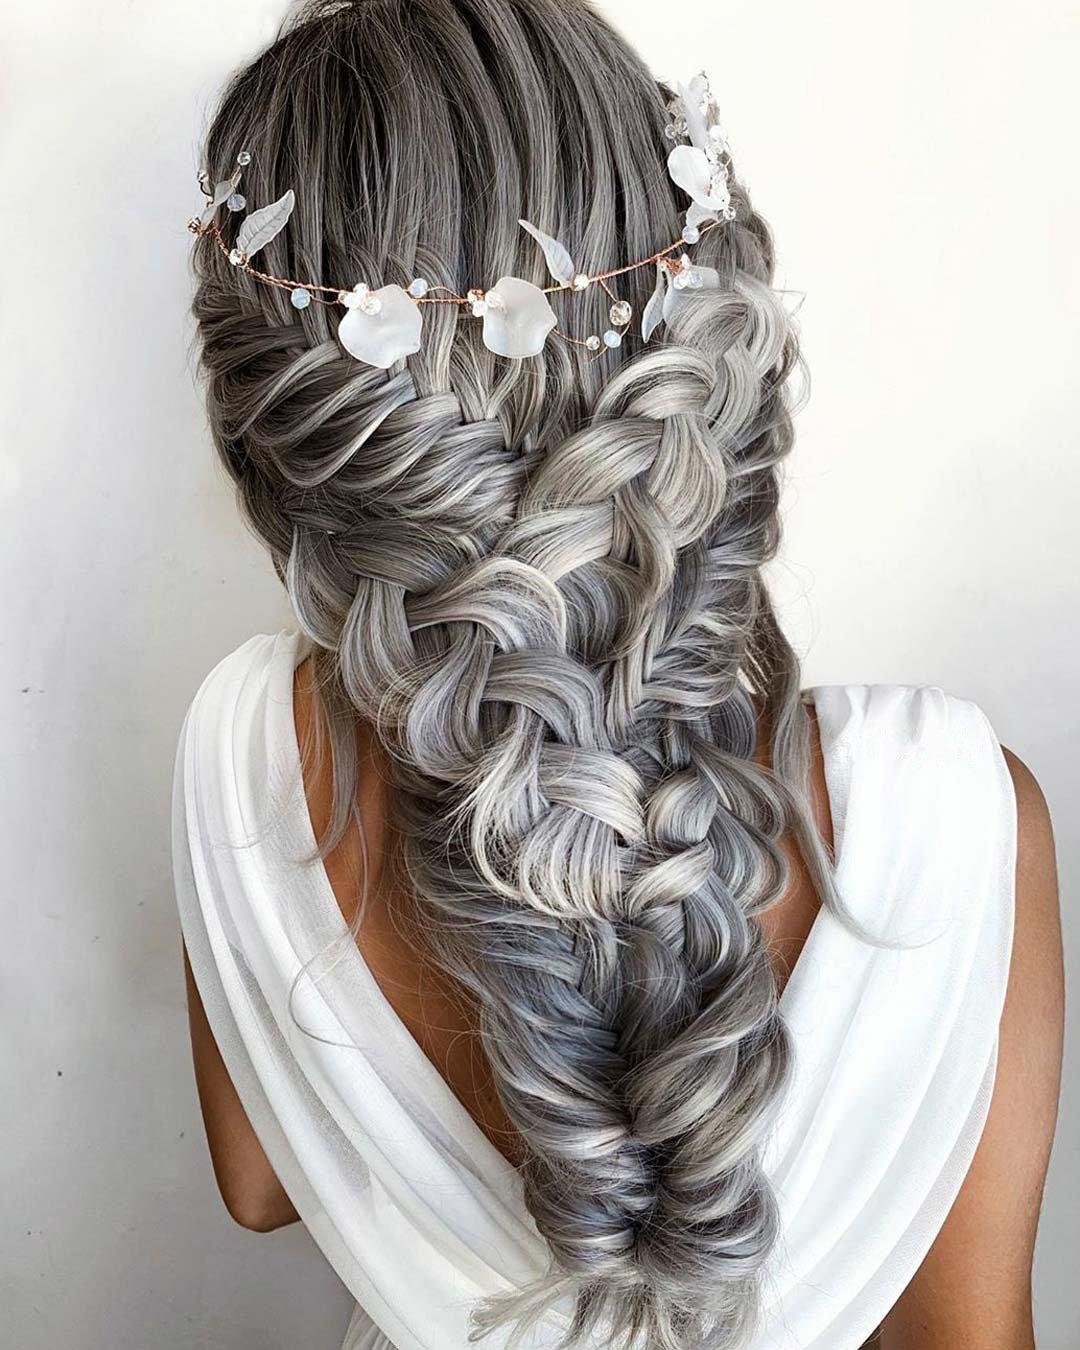 تسريحة ضفائر حورية البحر(الصورة من حساب خبيرة الموضة تايلا روبرتسون على pinterest)